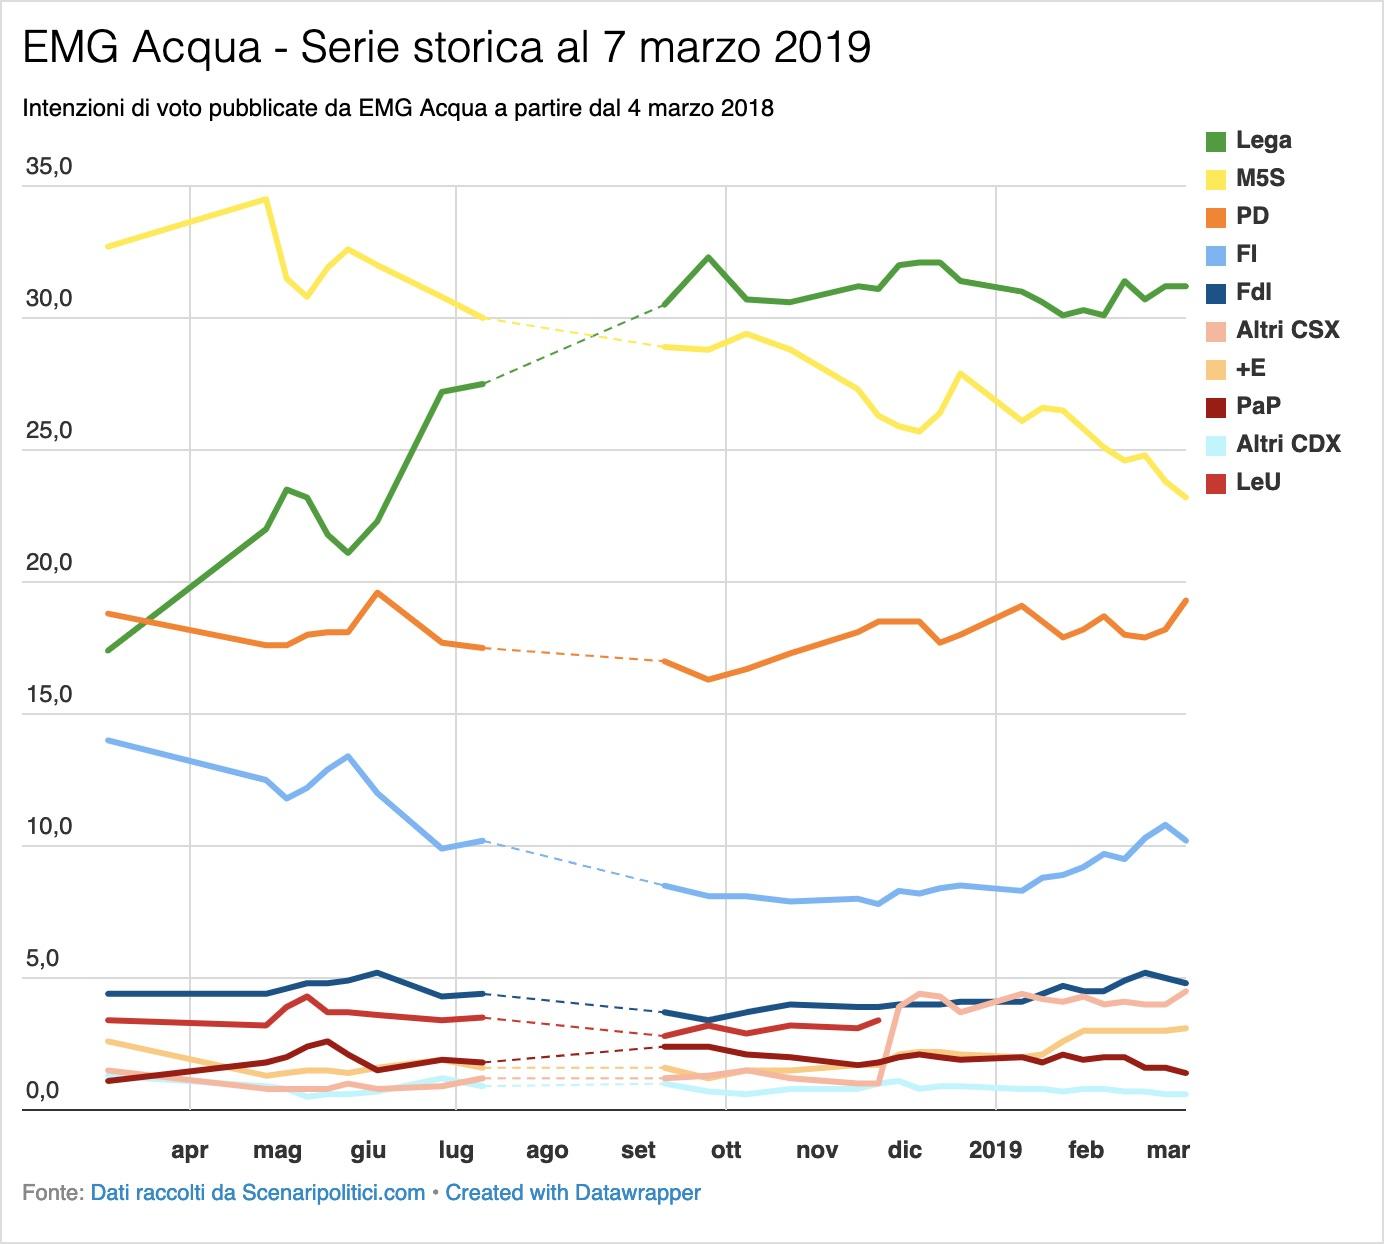 Sondaggio EMG Acqua 7 marzo 2019